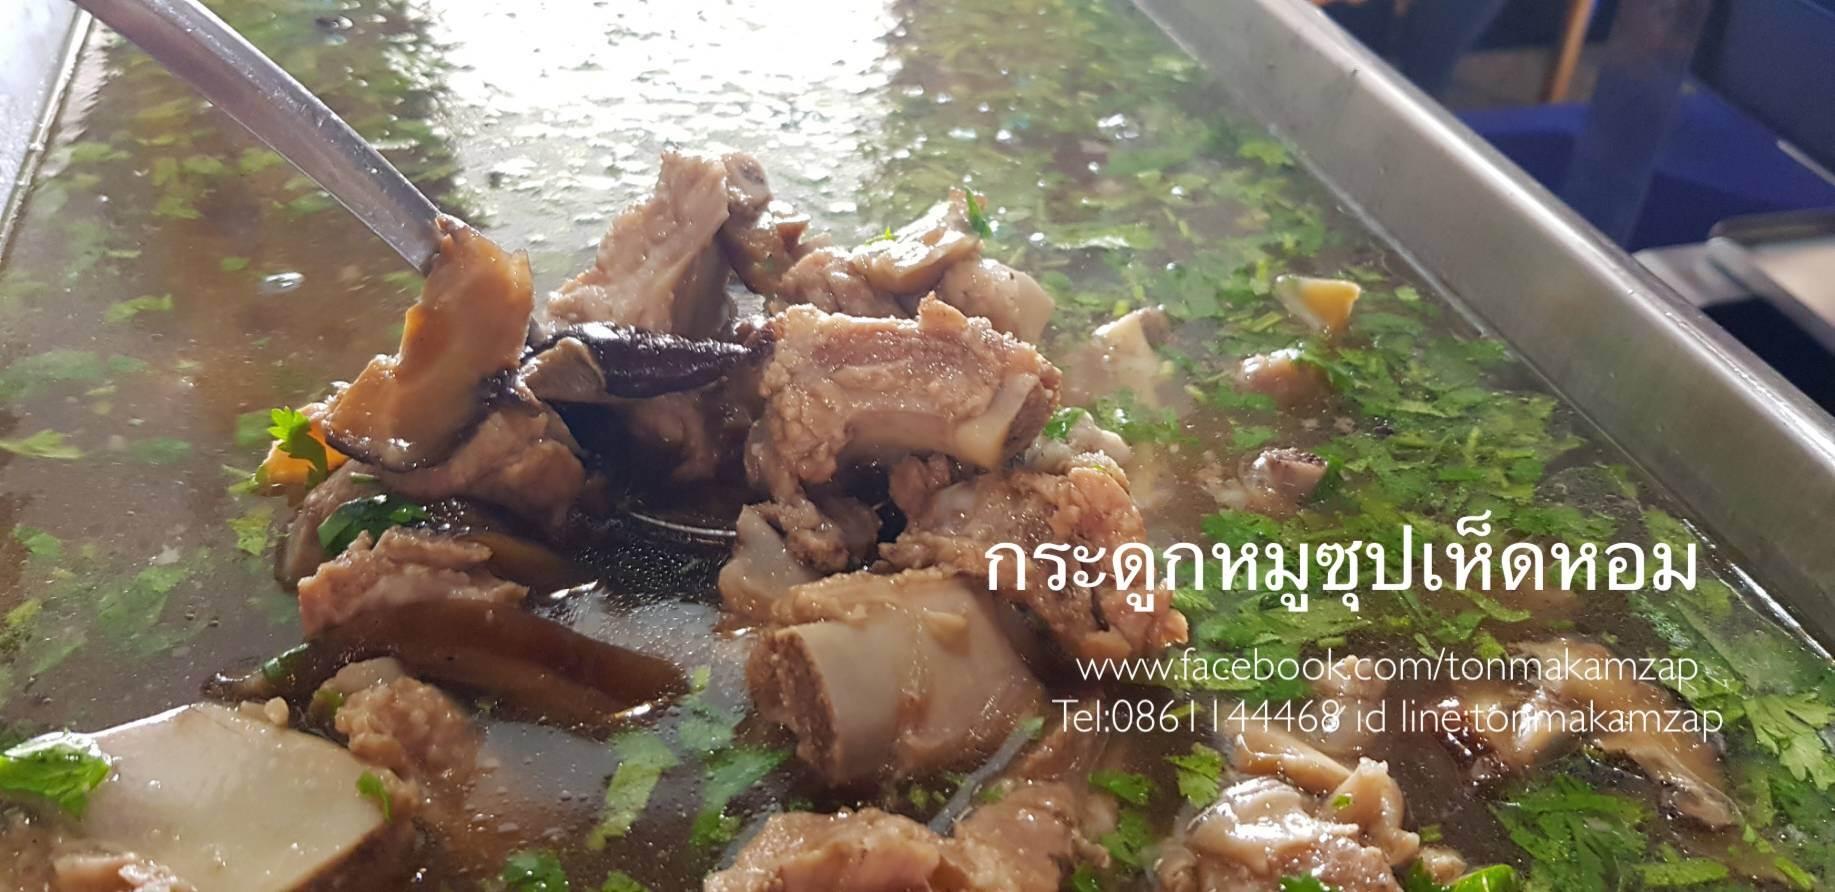 กระดูกหมูซุปเห็ดหอม จากร้านต้นมะขามโดยพ่อครัวแมว